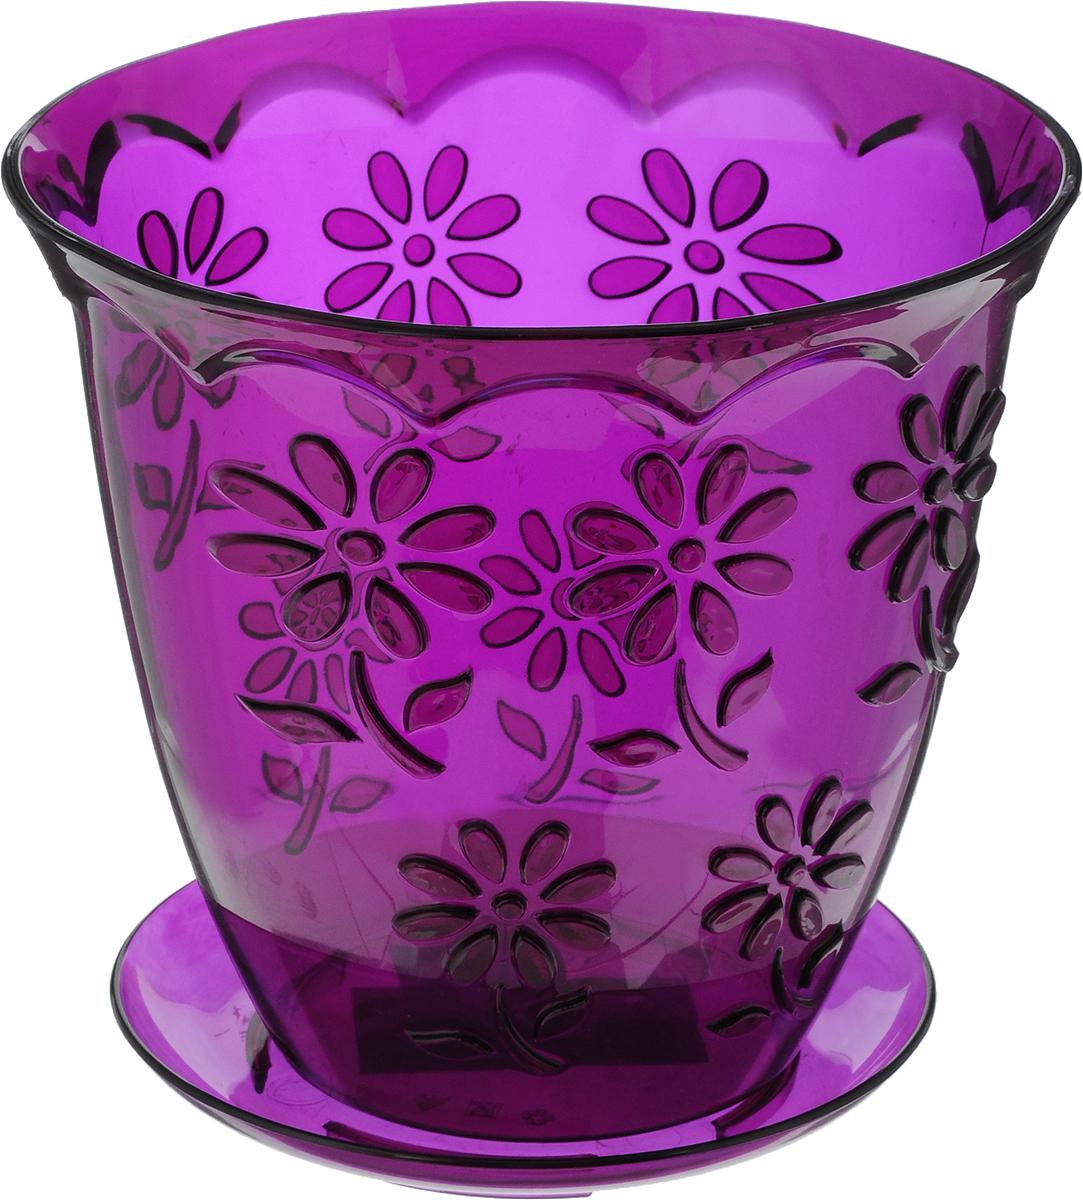 Горшок Альтернатива Соблазн, для орхидеи, цвет: фиолетовый, 1,5 л531-402Любой, даже самый современный и продуманный интерьер будет не завершённым без растений. Они не только очищают воздух и насыщают его кислородом, но и заметно украшают окружающее пространство. Такому полезному &laquo члену семьи&raquoпросто необходимо красивое и функциональное кашпо, оригинальный горшок или необычная ваза! Мы предлагаем - Горшок для орхидей 1,5 л Соблазн, цвет фиолетовый!Оптимальный выбор материала &mdash &nbsp пластмасса! Почему мы так считаем? Малый вес. С лёгкостью переносите горшки и кашпо с места на место, ставьте их на столики или полки, подвешивайте под потолок, не беспокоясь о нагрузке. Простота ухода. Пластиковые изделия не нуждаются в специальных условиях хранения. Их&nbsp легко чистить &mdashдостаточно просто сполоснуть тёплой водой. Никаких царапин. Пластиковые кашпо не царапают и не загрязняют поверхности, на которых стоят. Пластик дольше хранит влагу, а значит &mdashрастение реже нуждается в поливе. Пластмасса не пропускает воздух &mdashкорневой системе растения не грозят резкие перепады температур. Огромный выбор форм, декора и расцветок &mdashвы без труда подберёте что-то, что идеально впишется в уже существующий интерьер.Соблюдая нехитрые правила ухода, вы можете заметно продлить срок службы горшков, вазонов и кашпо из пластика: всегда учитывайте размер кроны и корневой системы растения (при разрастании большое растение способно повредить маленький горшок)берегите изделие от воздействия прямых солнечных лучей, чтобы кашпо и горшки не выцветалидержите кашпо и горшки из пластика подальше от нагревающихся поверхностей.Создавайте прекрасные цветочные композиции, выращивайте рассаду или необычные растения, а низкие цены позволят вам не ограничивать себя в выборе.